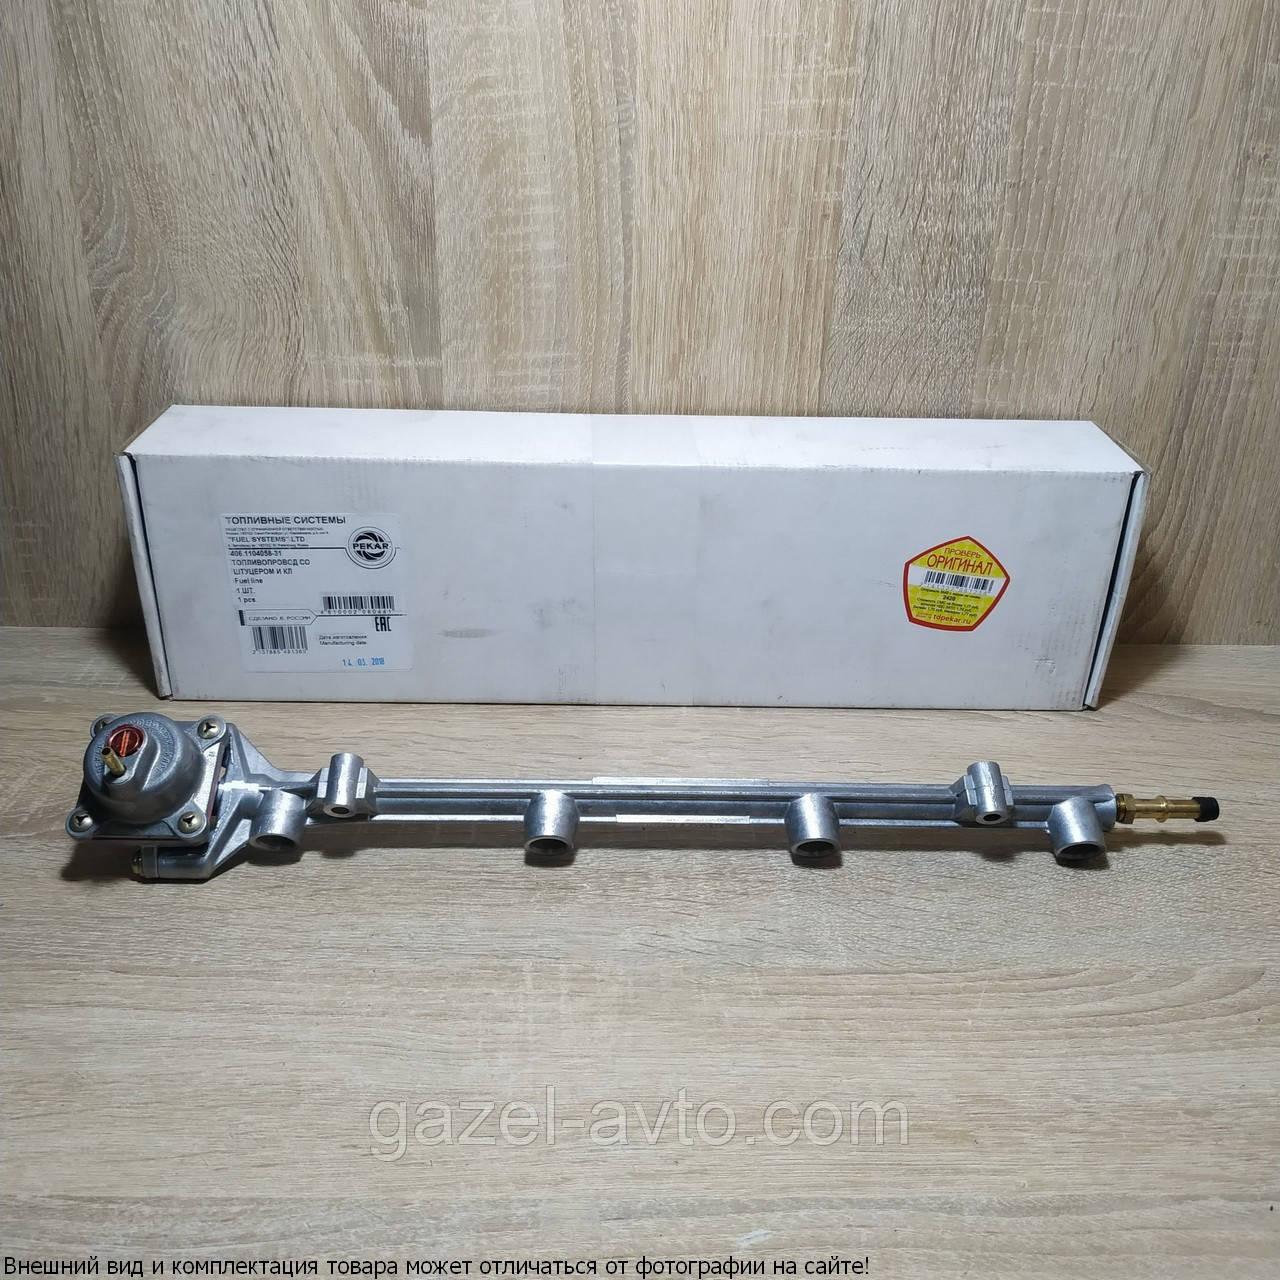 Топливопровод со штуцером и клапаном Газель,Волга дв 405 (угловой штуцер быстросъемный) (пр-во Пекар)